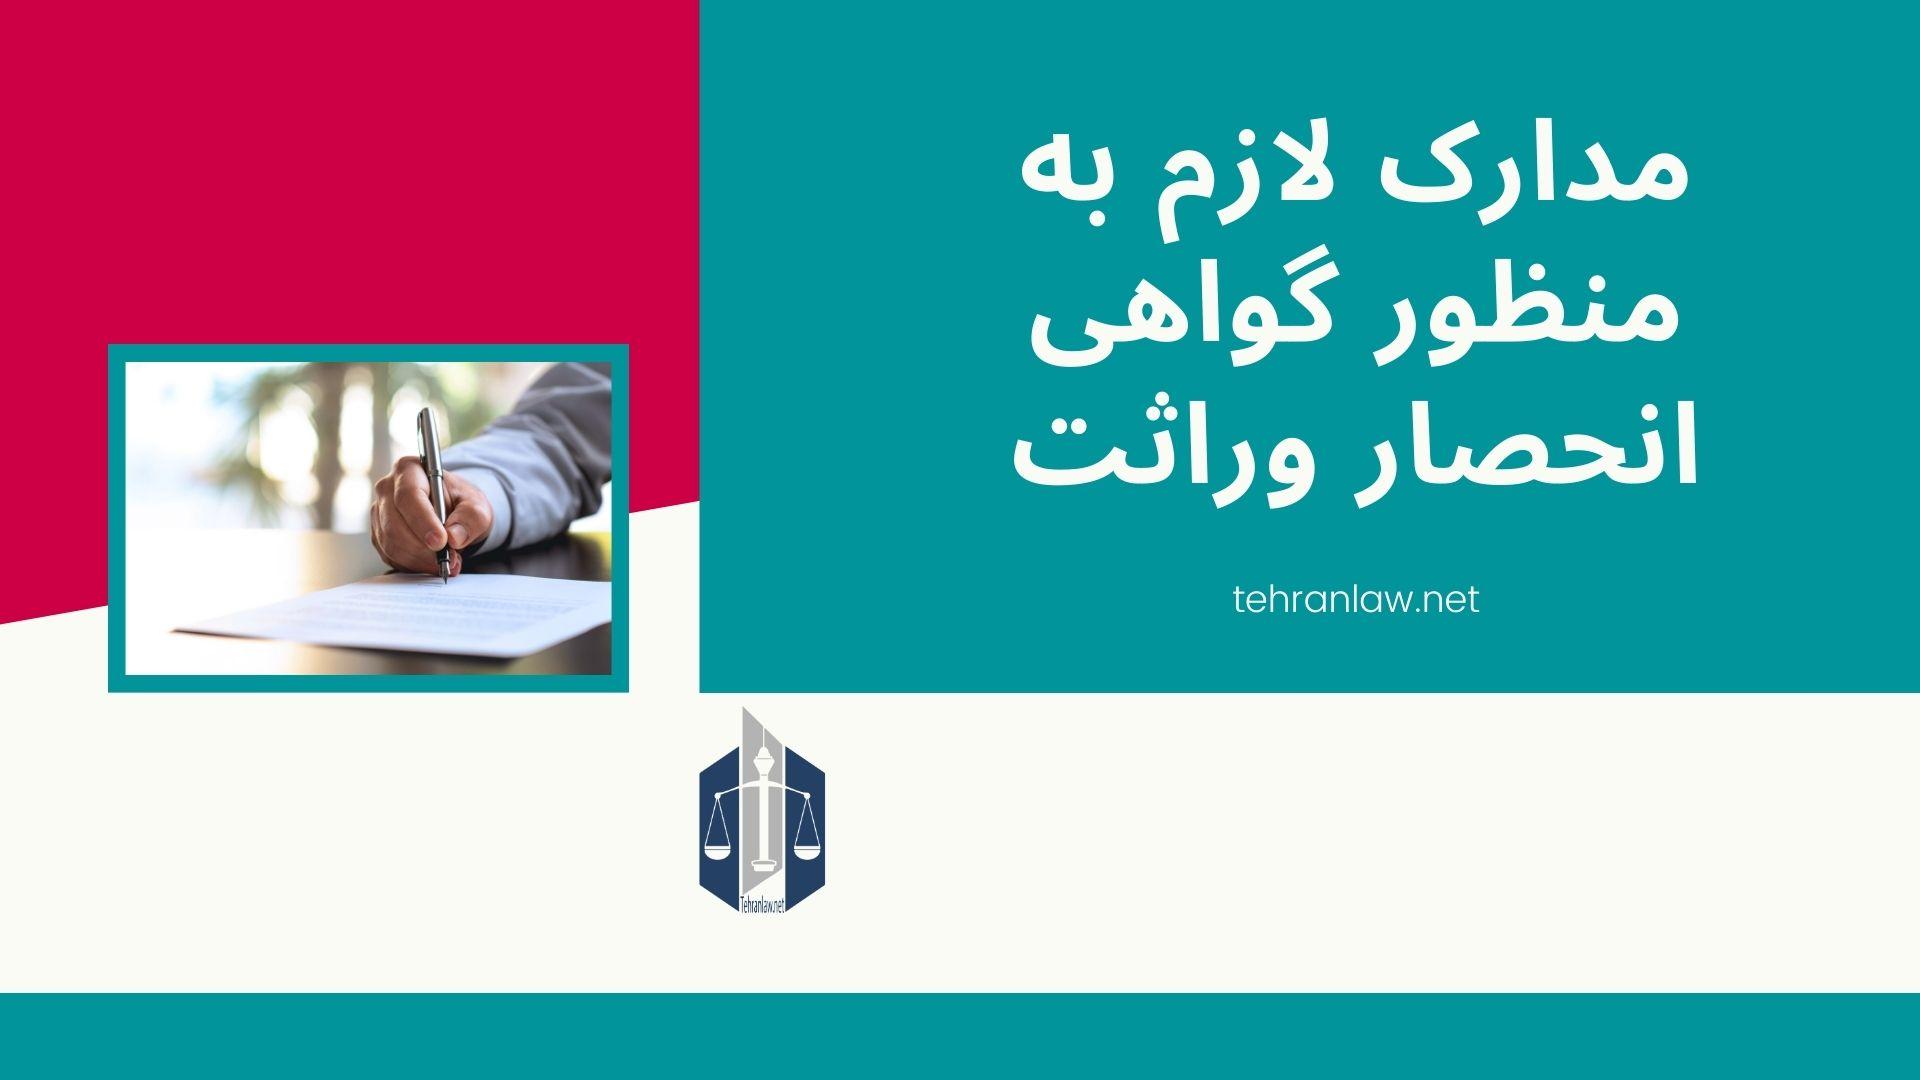 مدارک لازم به منظور گواهی انحصار وراثت